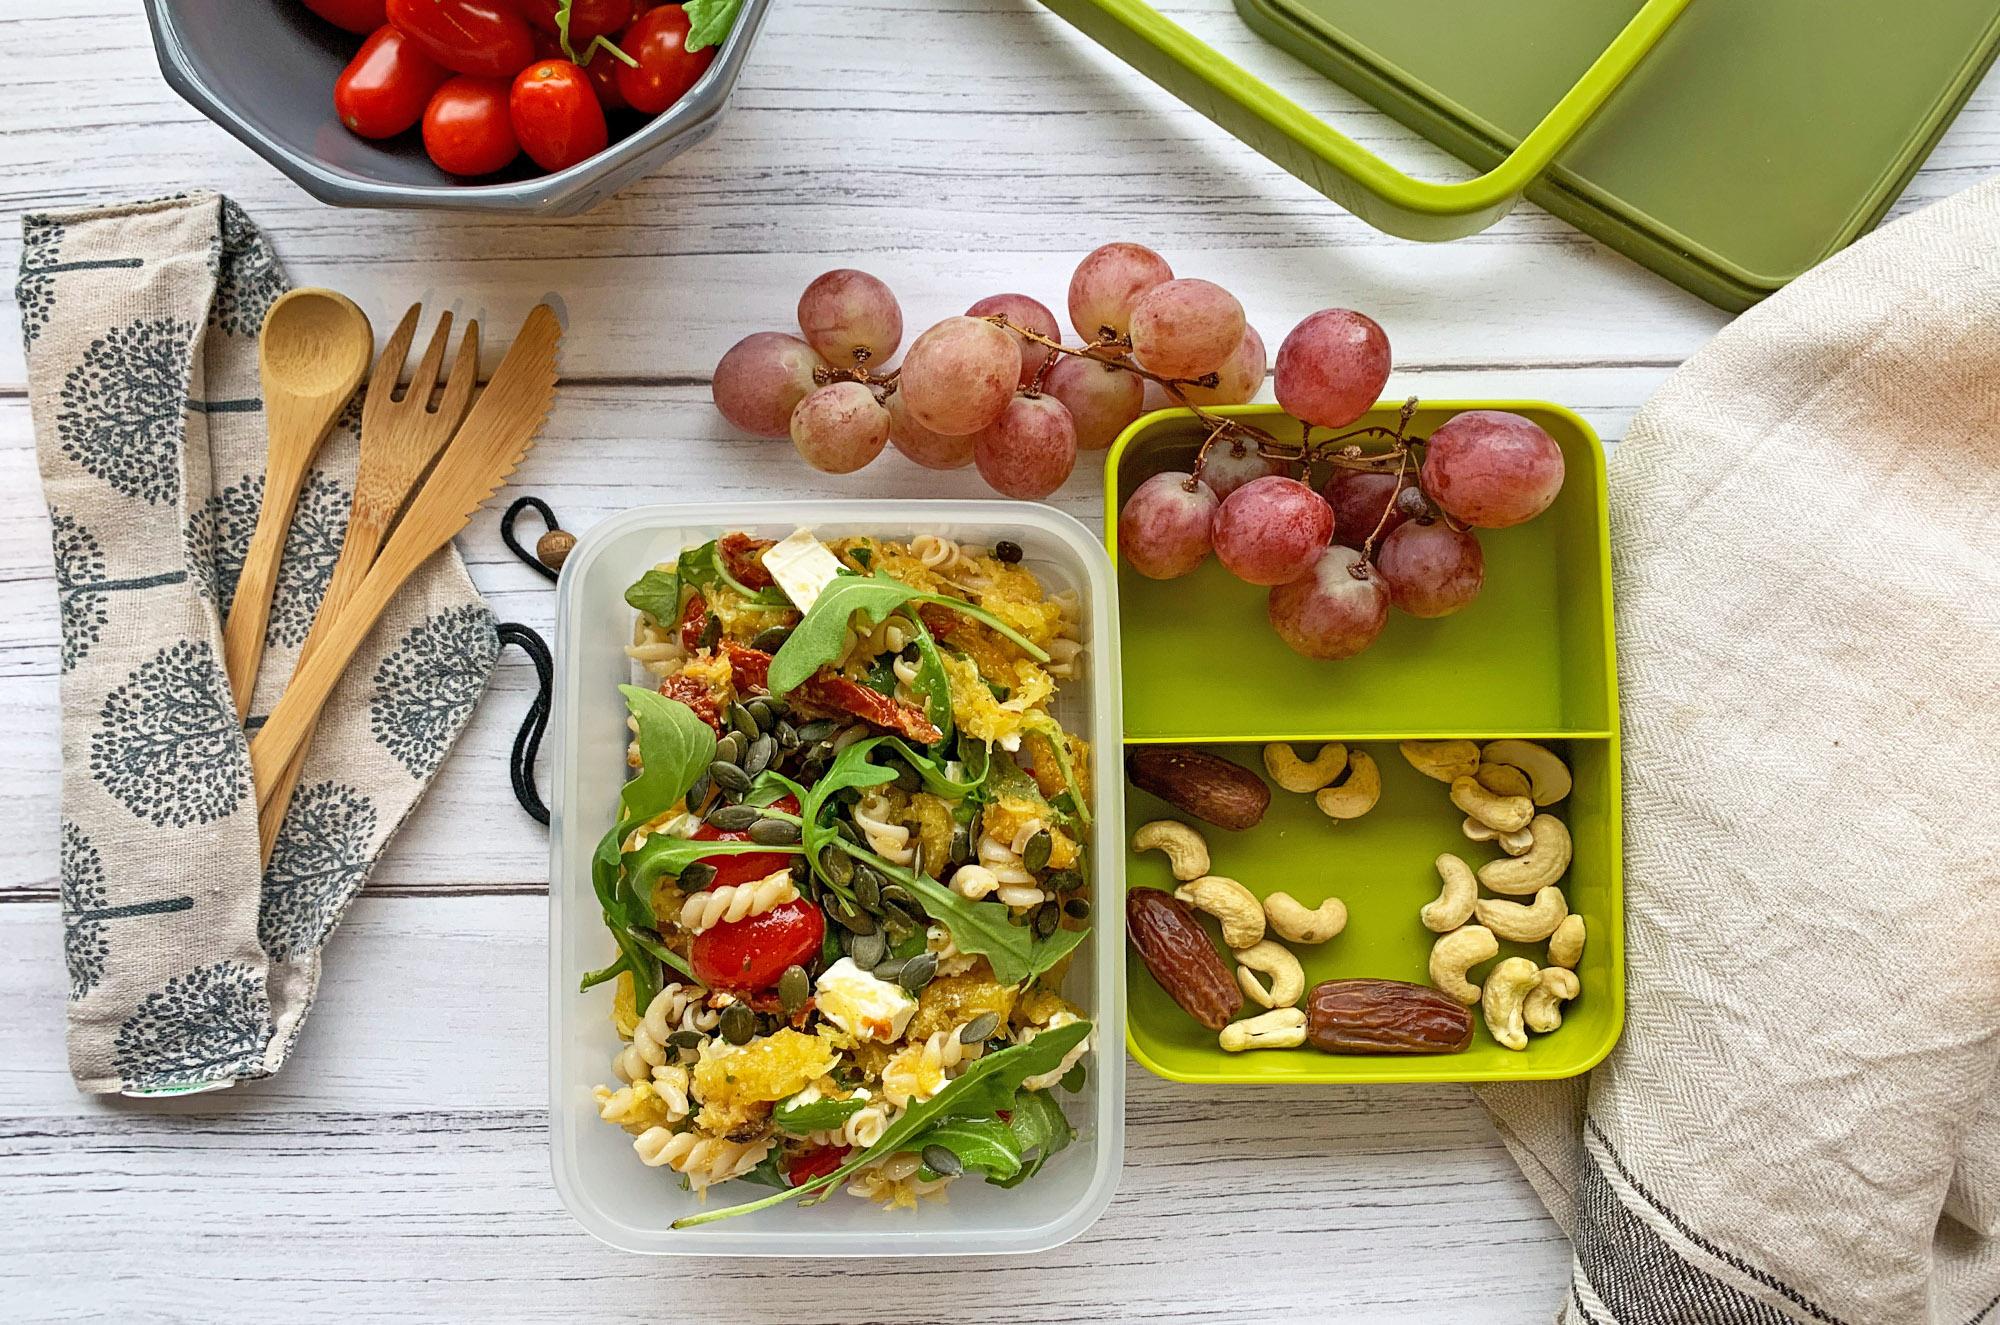 Przepis na sałatkę z dynią - do lunchboxa | greenmenu.pl